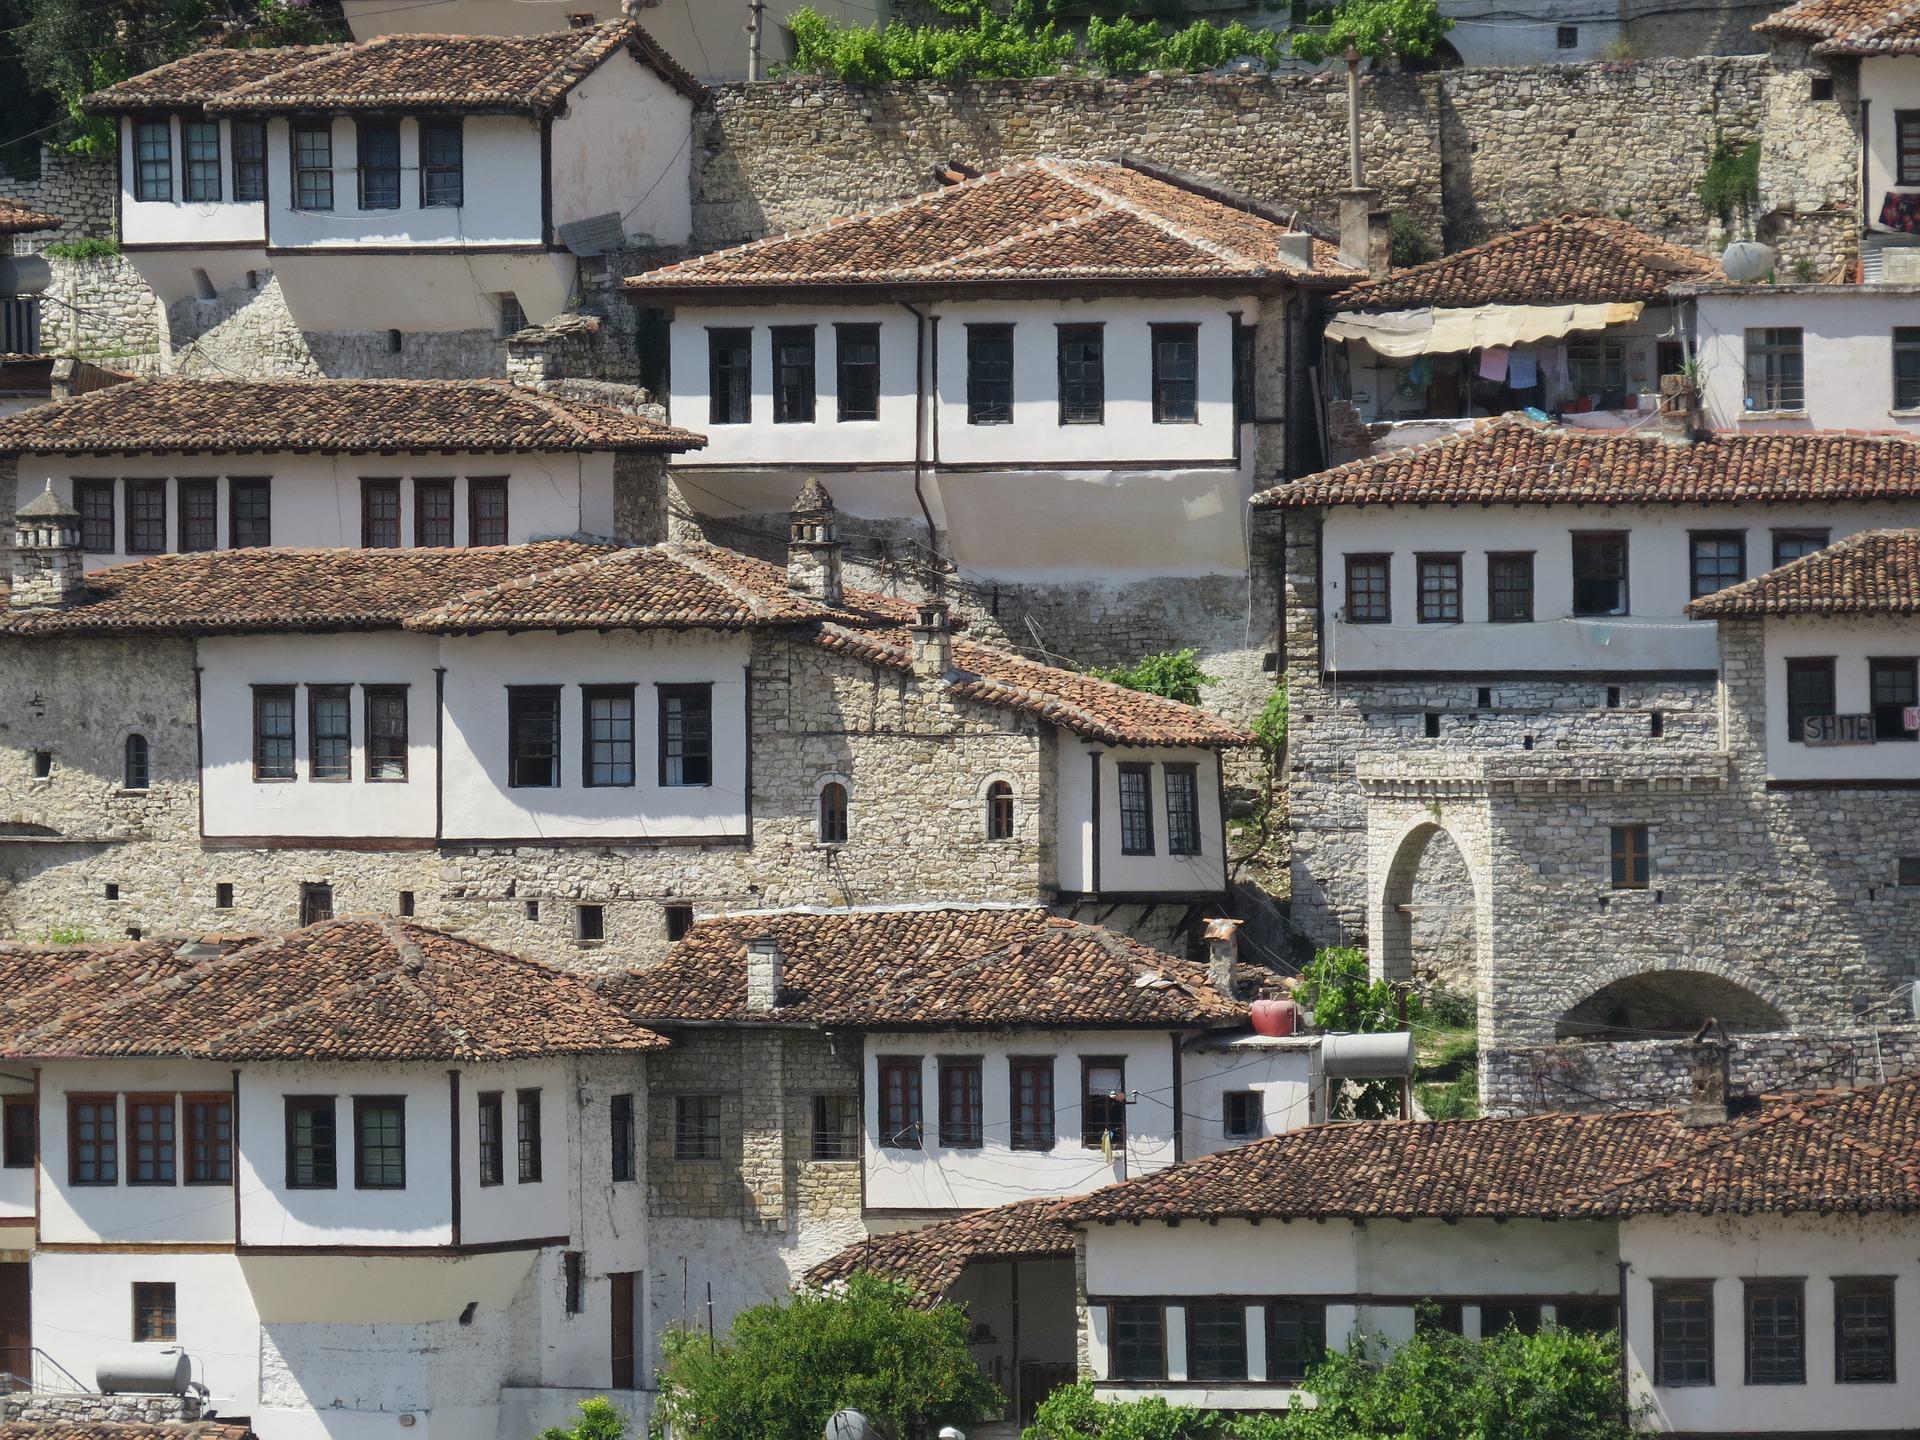 Berat, Albanien - Die Stadt der Tausend Fenster